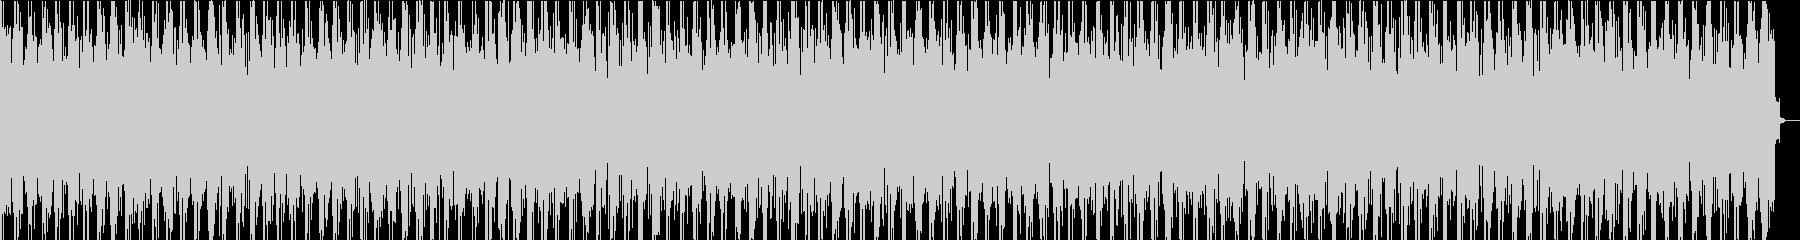 ニュース15 事件・ニュース・動画BGMの未再生の波形